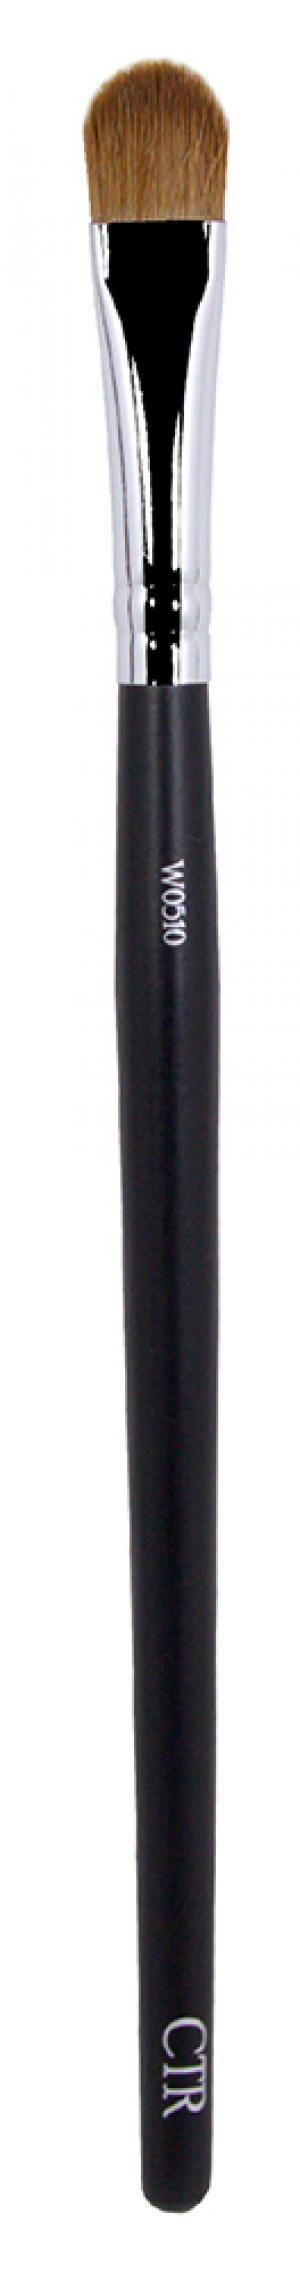 Кисть для нанесення тіней ворс соболь W0510  - 00-00011556